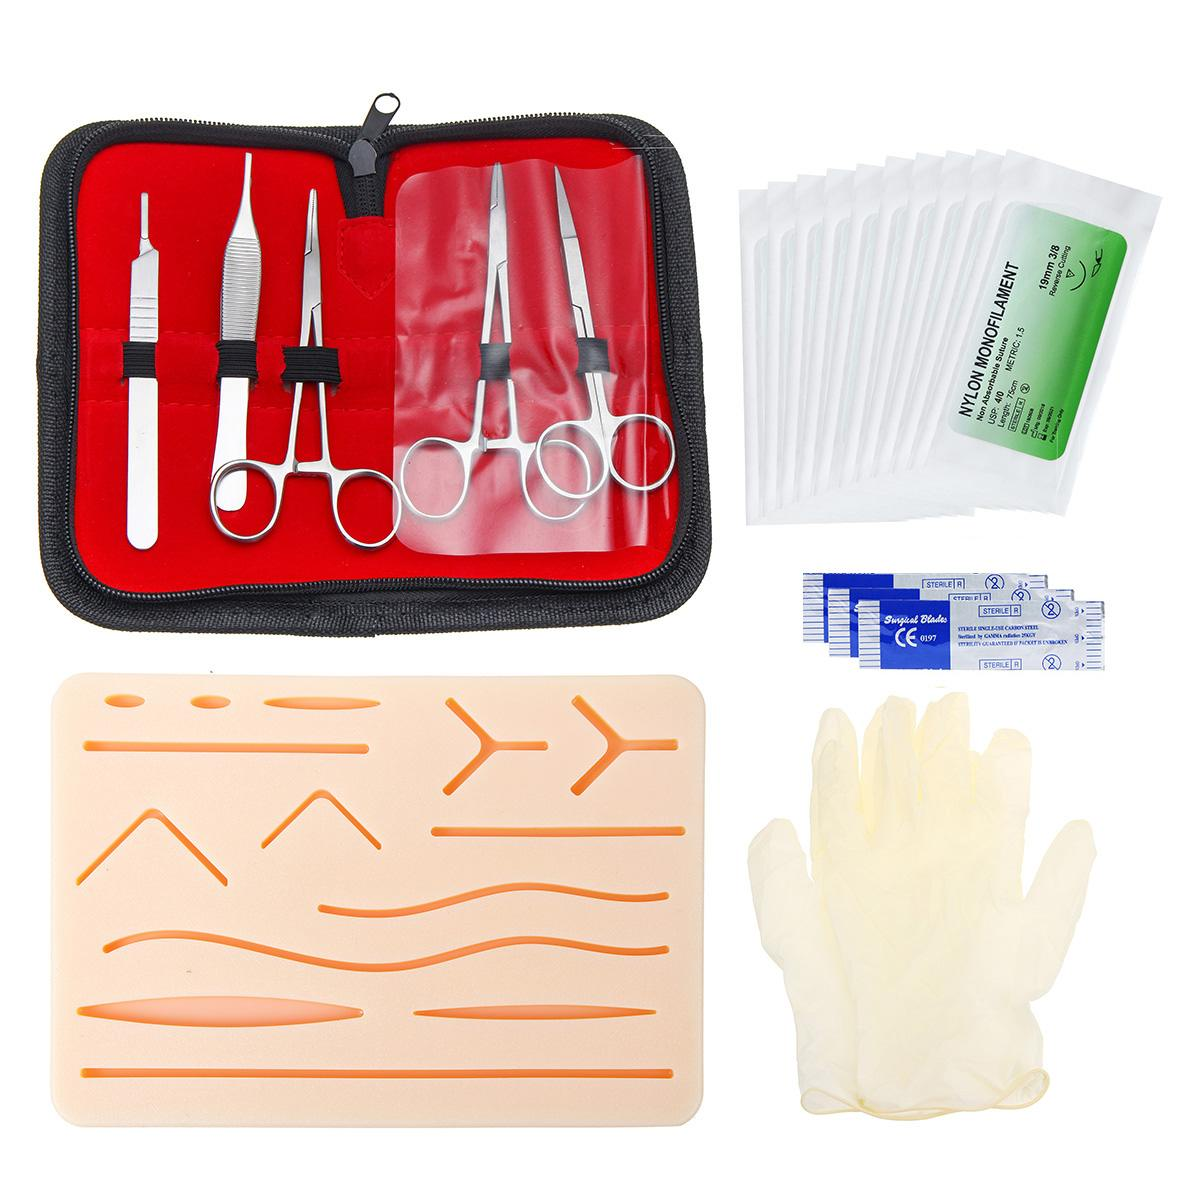 25pcs Kit de Treinamento de Sutura Cirúrgica Operar Modelo de Prática de Treinamento de Sutura Da Pele Pad Agulha Tesoura Kit Ferramenta de Ensino Médico